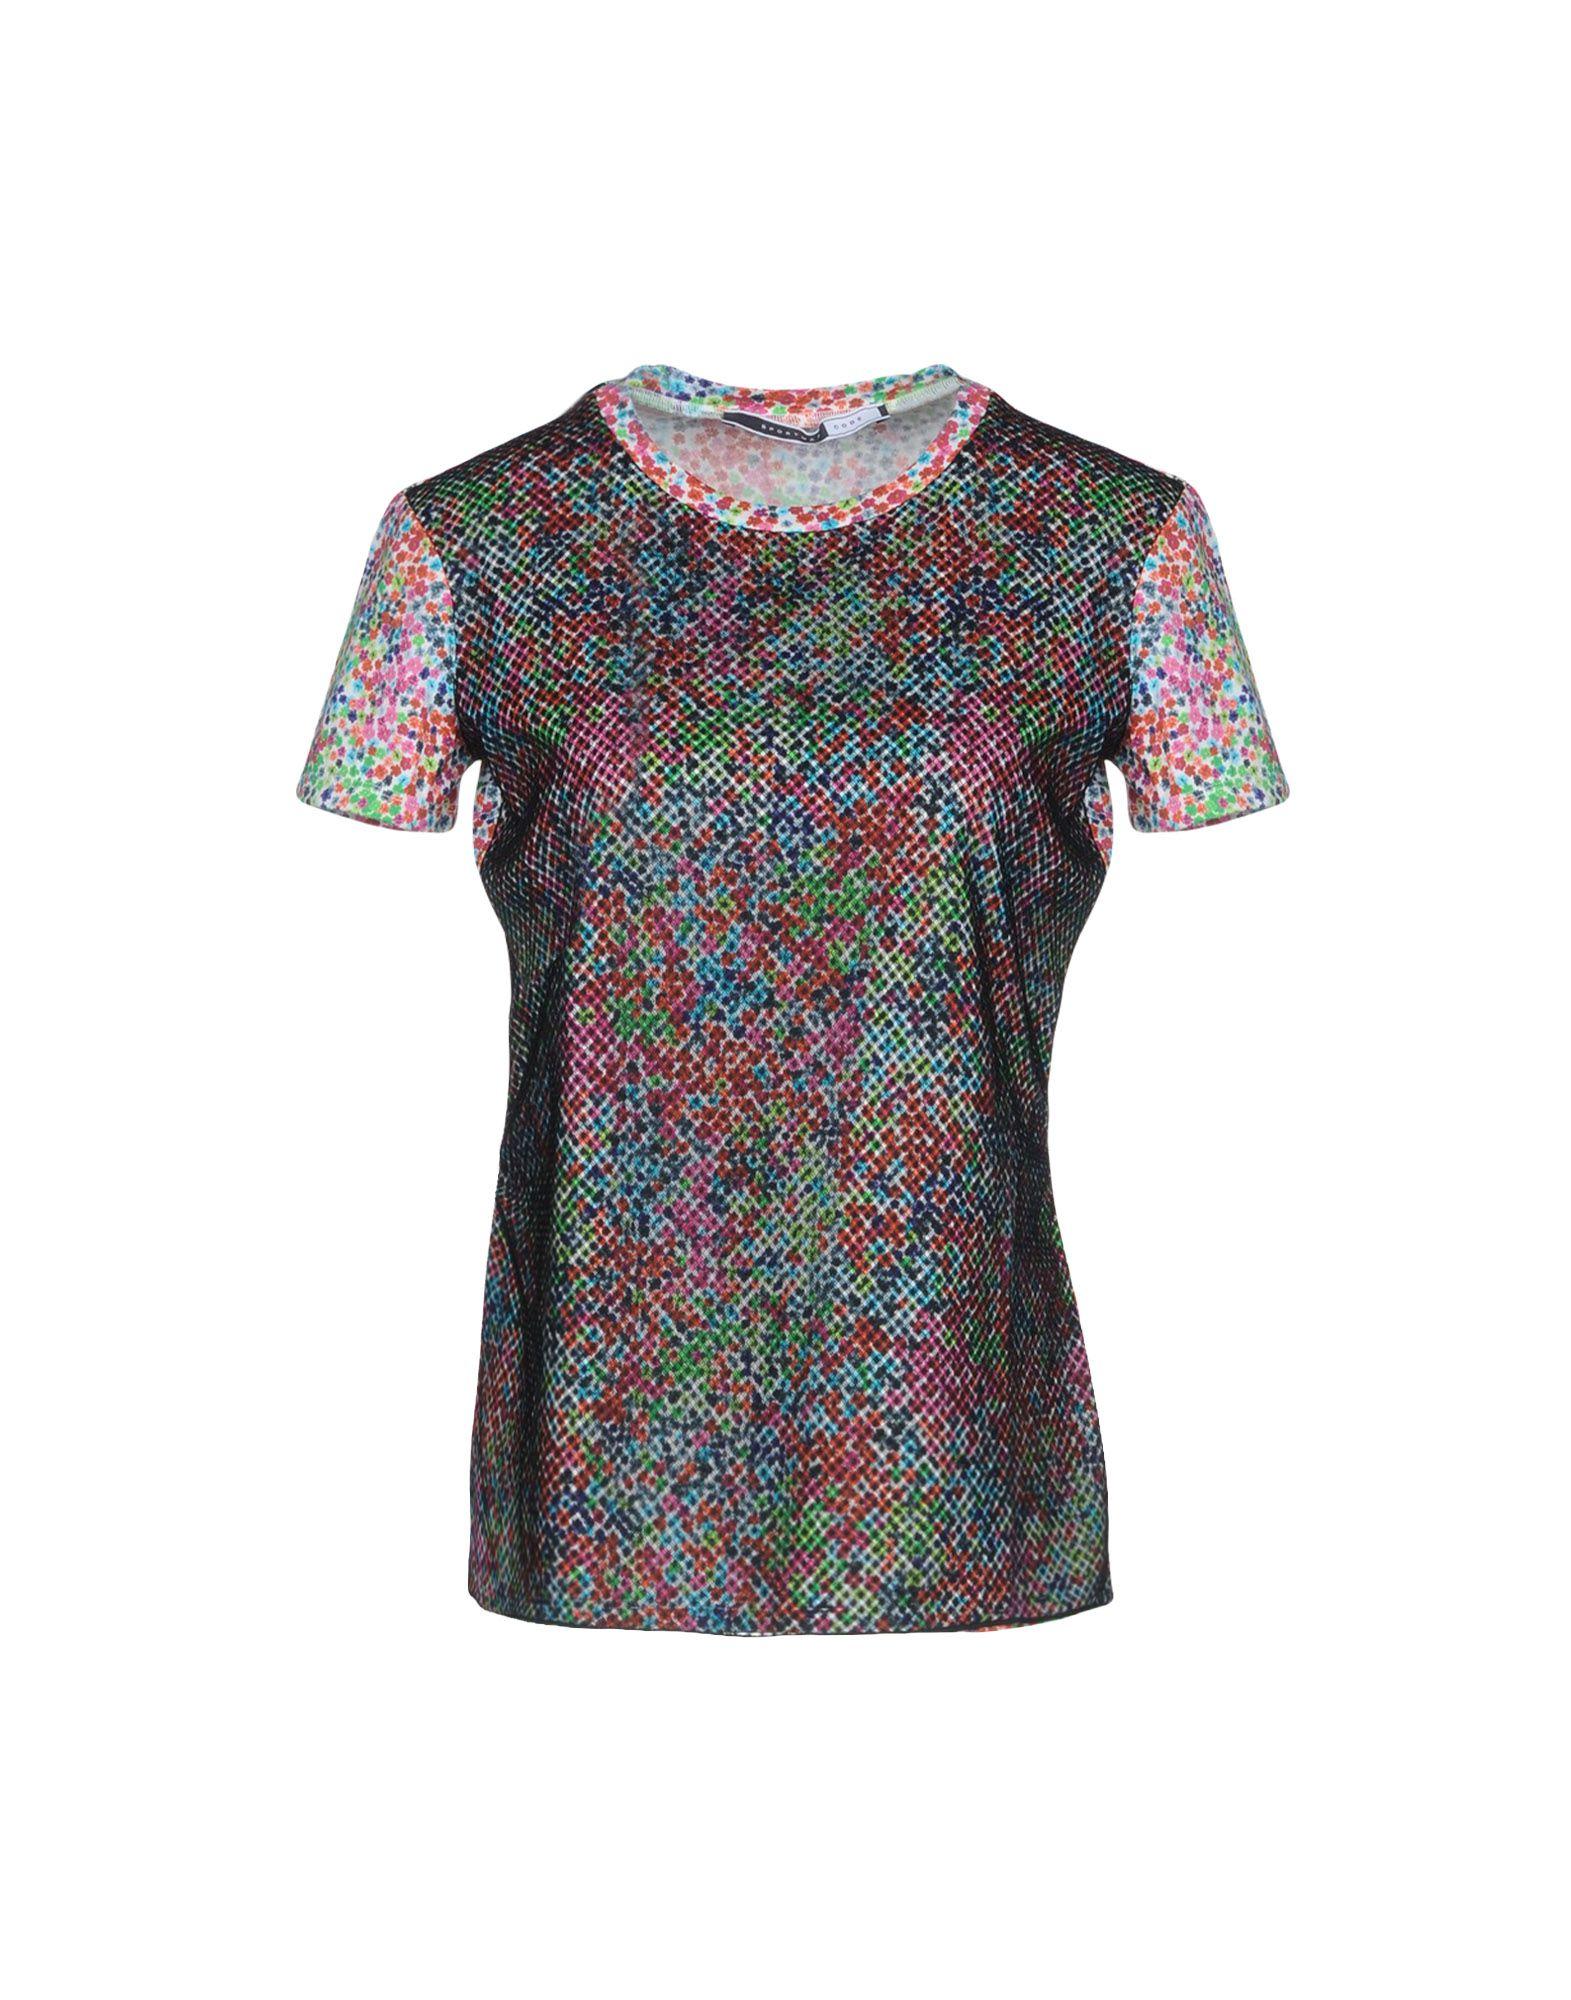 SPORTMAX CODE Damen T-shirts Farbe Schwarz Größe 3